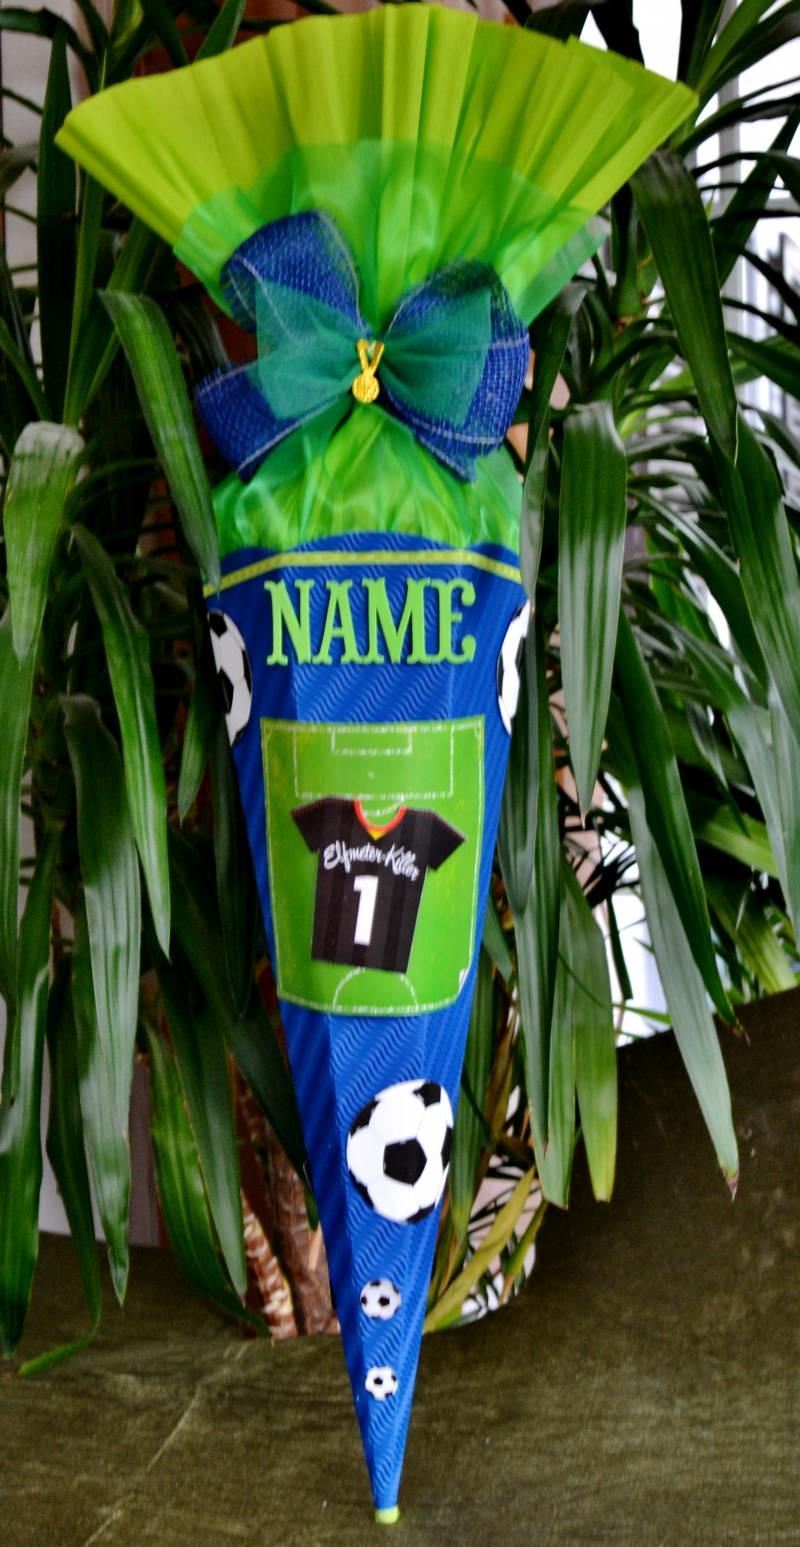 -  Handgemachte Schultüte Zuckertüte Fußball für Jungs   -  Handgemachte Schultüte Zuckertüte Fußball für Jungs